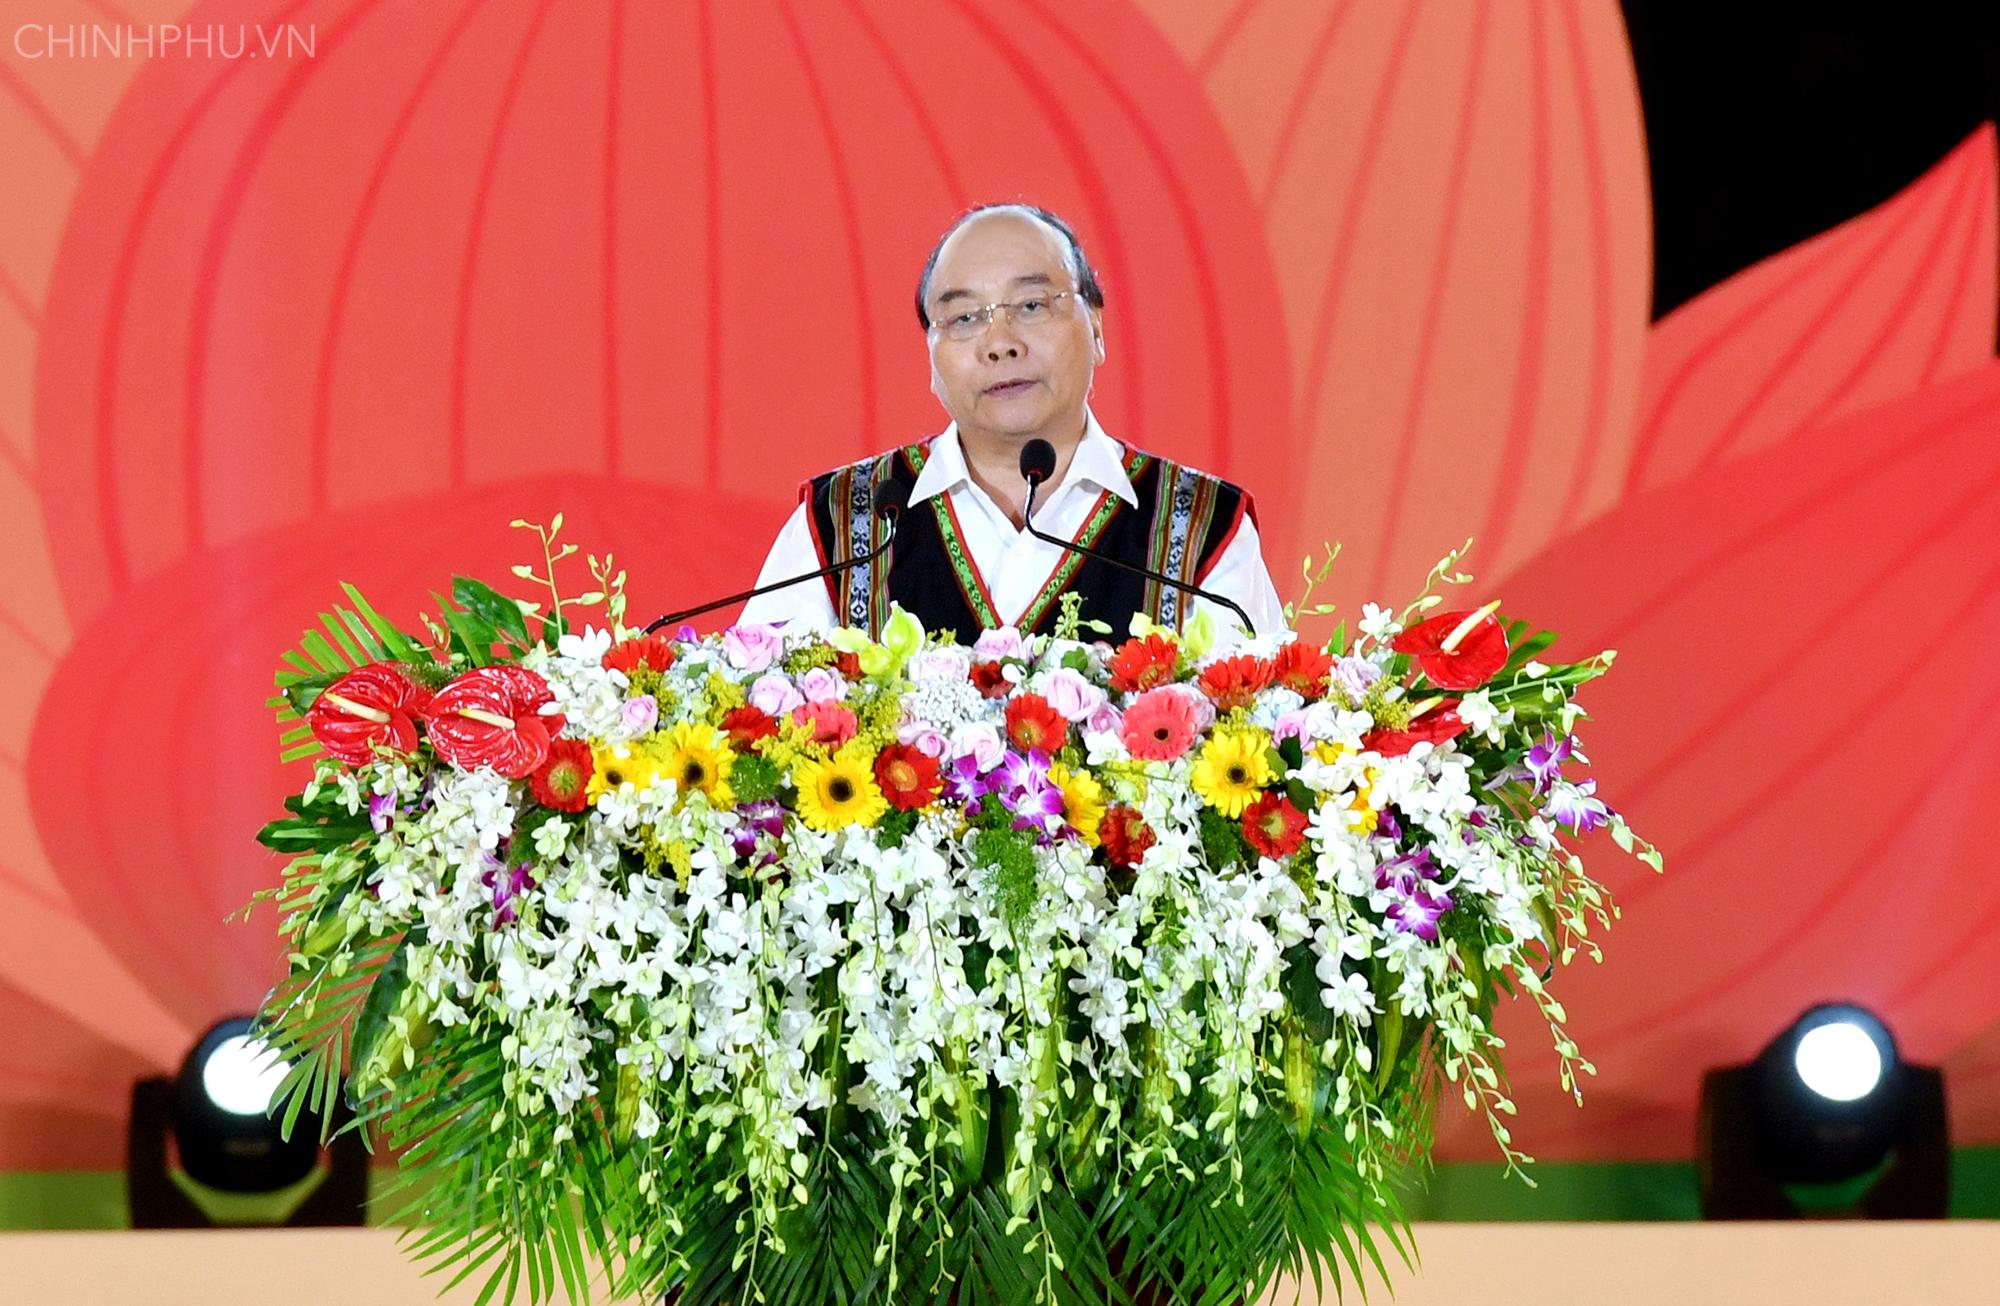 chinh phu gui gam dong bao tay nguyen su menh giu gin khong gian van hoa cong chieng